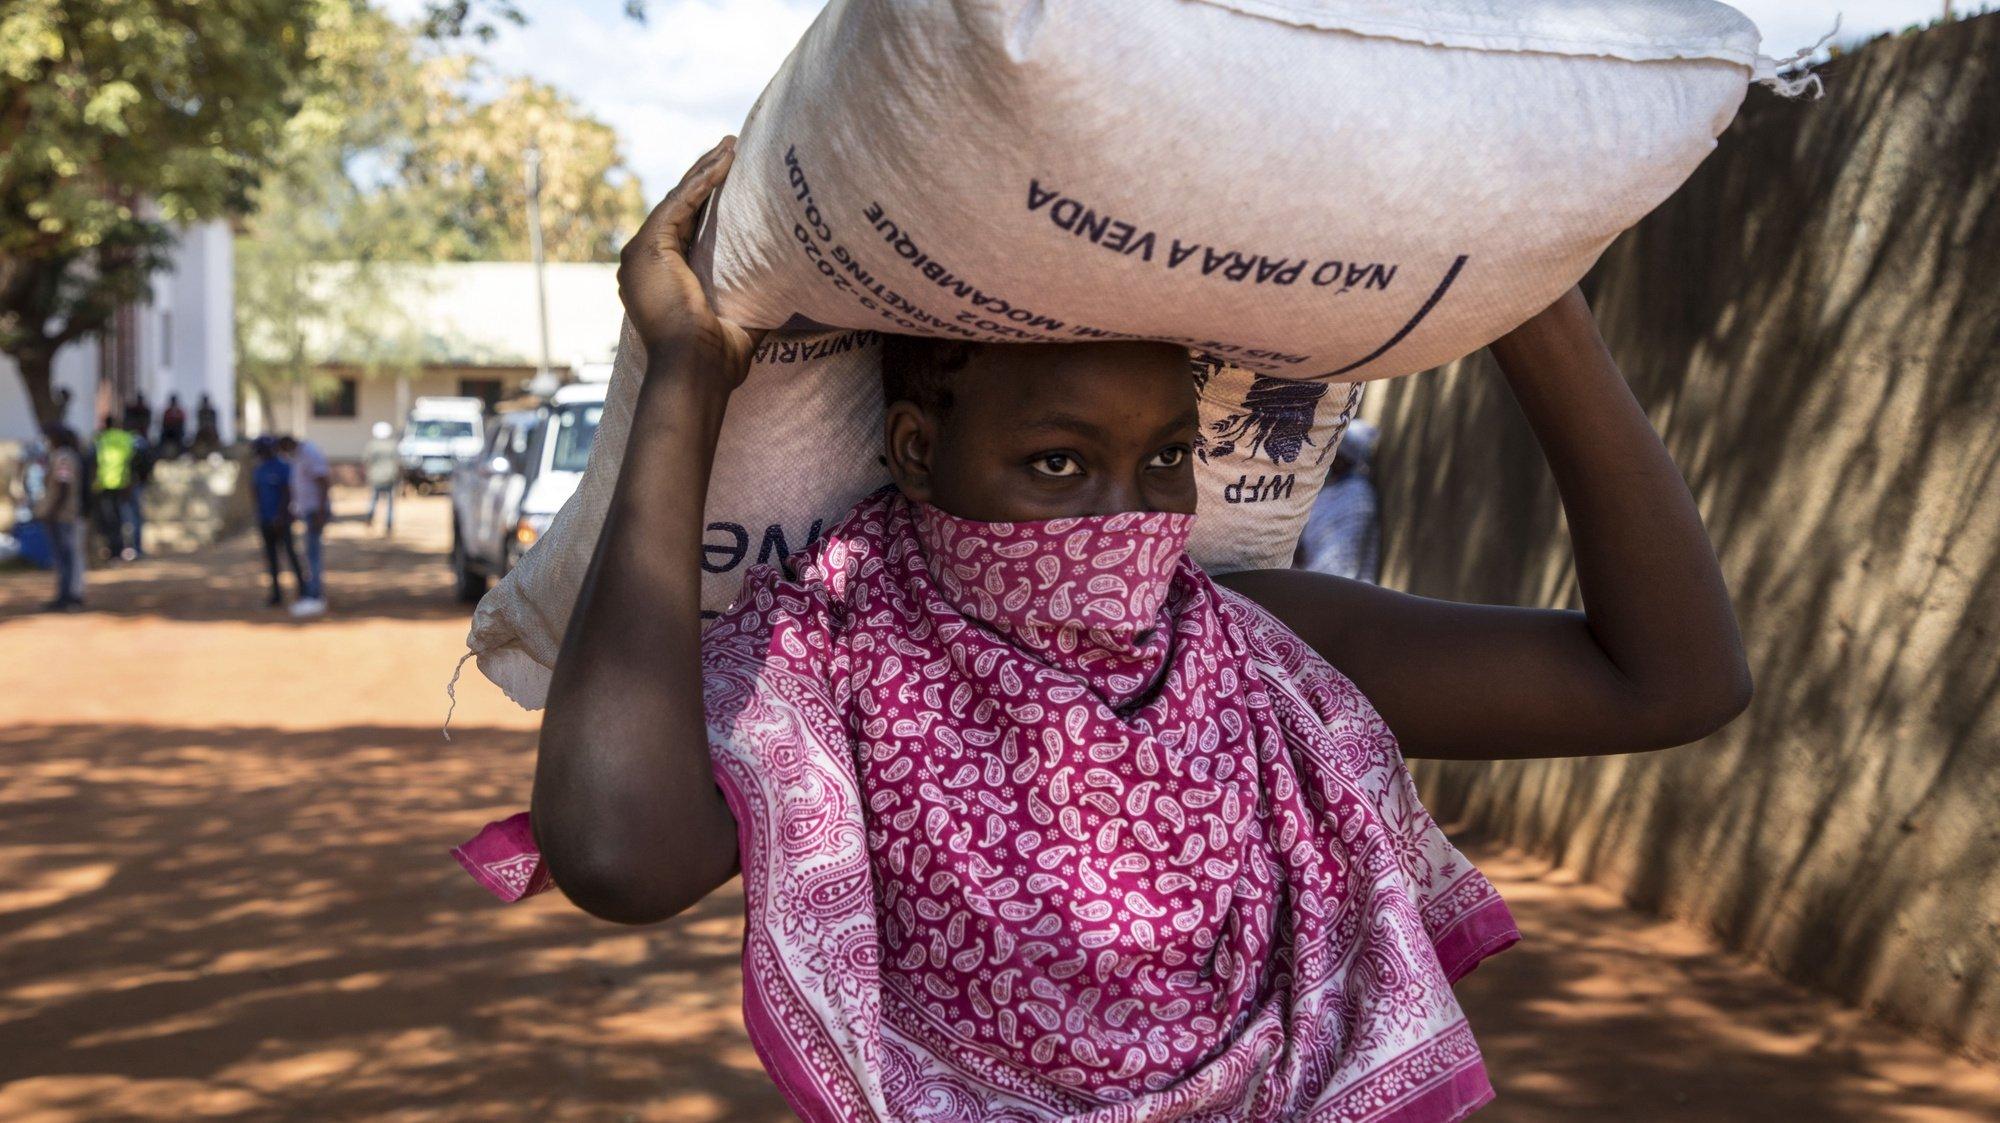 Uma mulher recebe o apoio alimentar de emergência do Programa Alimentar Mundial (PAM) a deslocados pela violência armada em Cabo Delgado, em Pemba, Mocambique, 24 de julho 2020. Há 250.000 pessoas afetadas e Pemba é o porto seguro de muitos, em casas de familiares e amigos que de repente passaram a acolher mais de dez, às vezes 20 ou trinta pessoas. (ACOMPANHA TEXTO DE 27 DE JULHO DE 2020). RICARDO FRANCO/LUSA